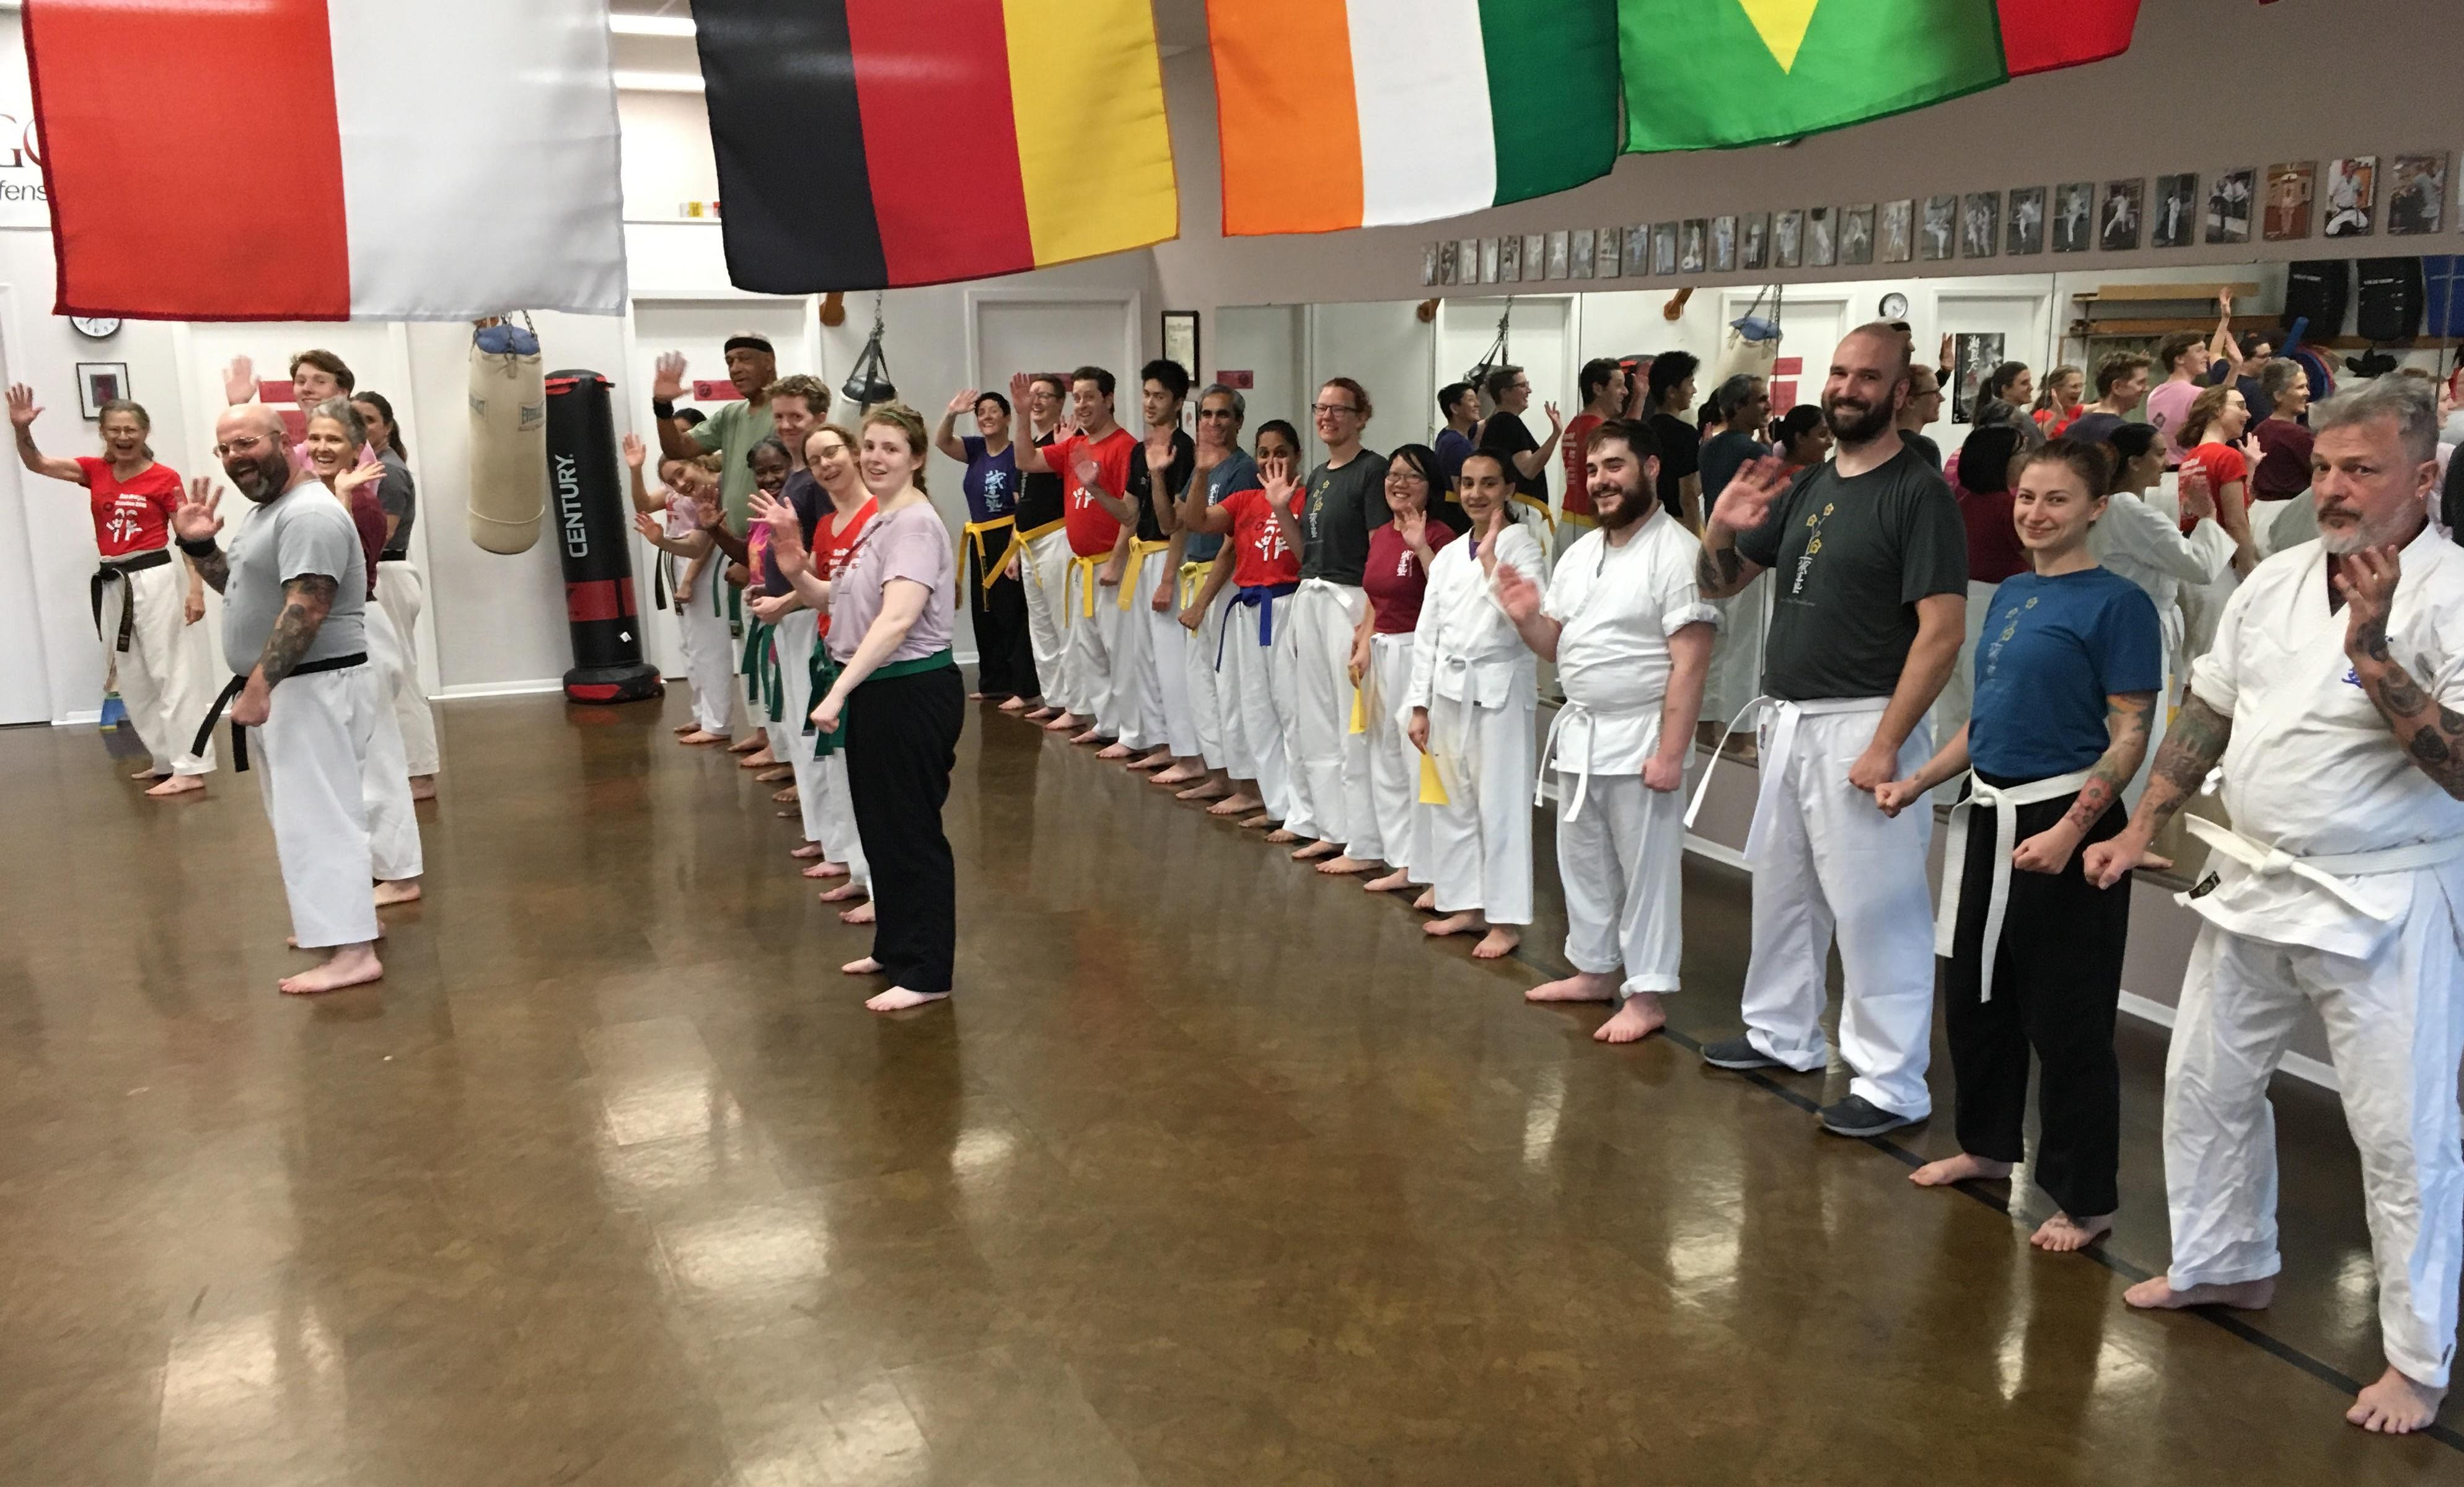 Karateka pre-class